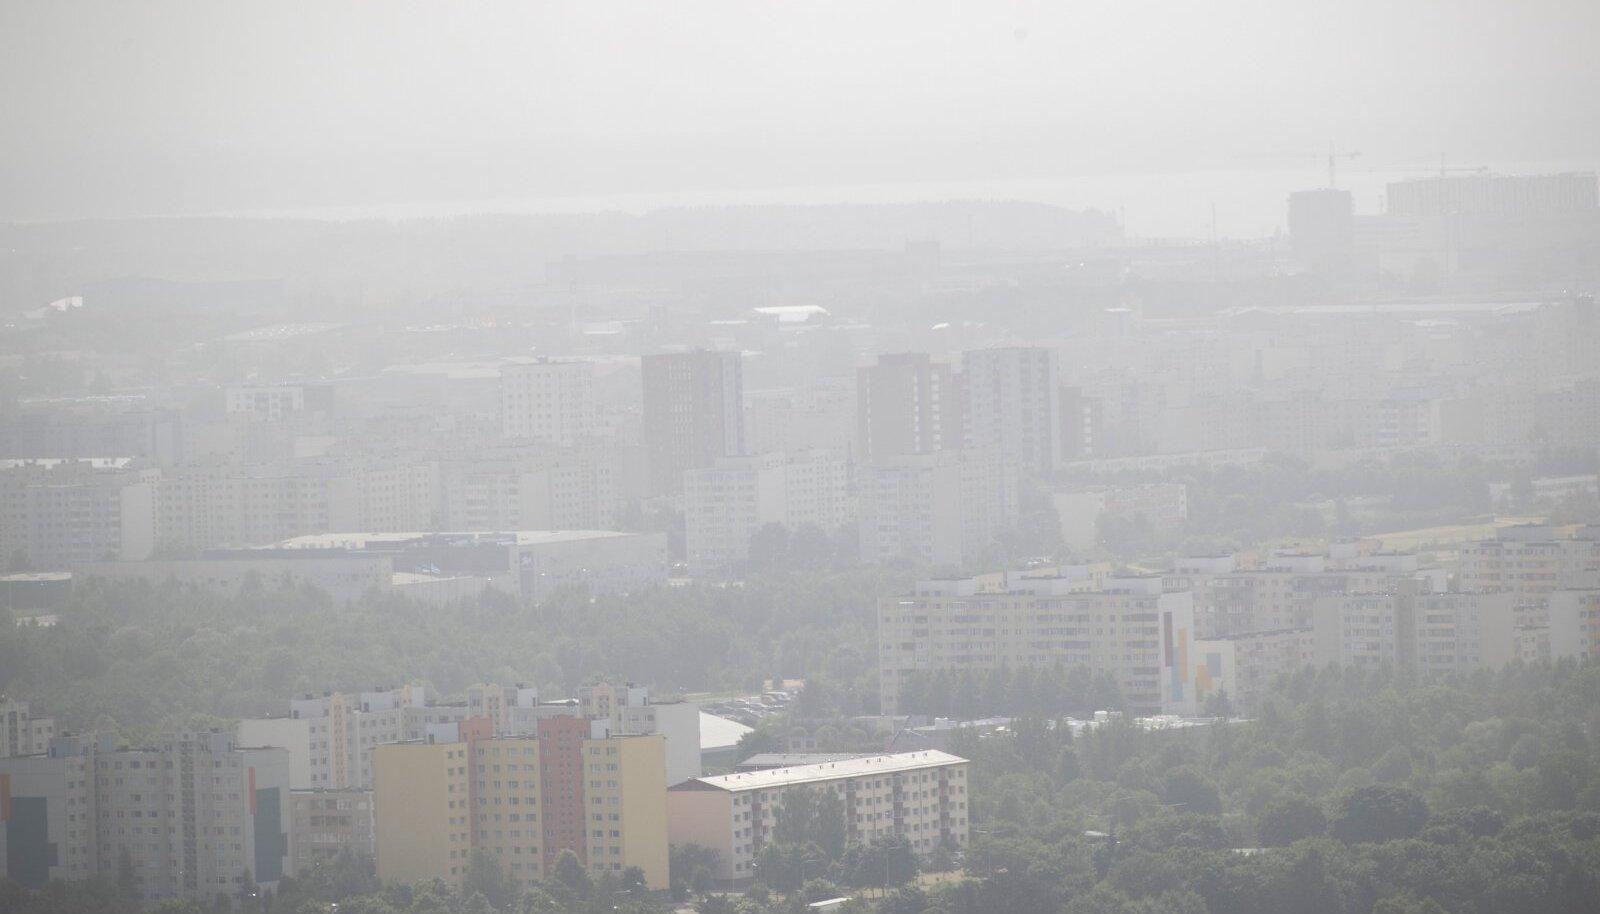 Tolm Tallinna kohal 22.06.2021.